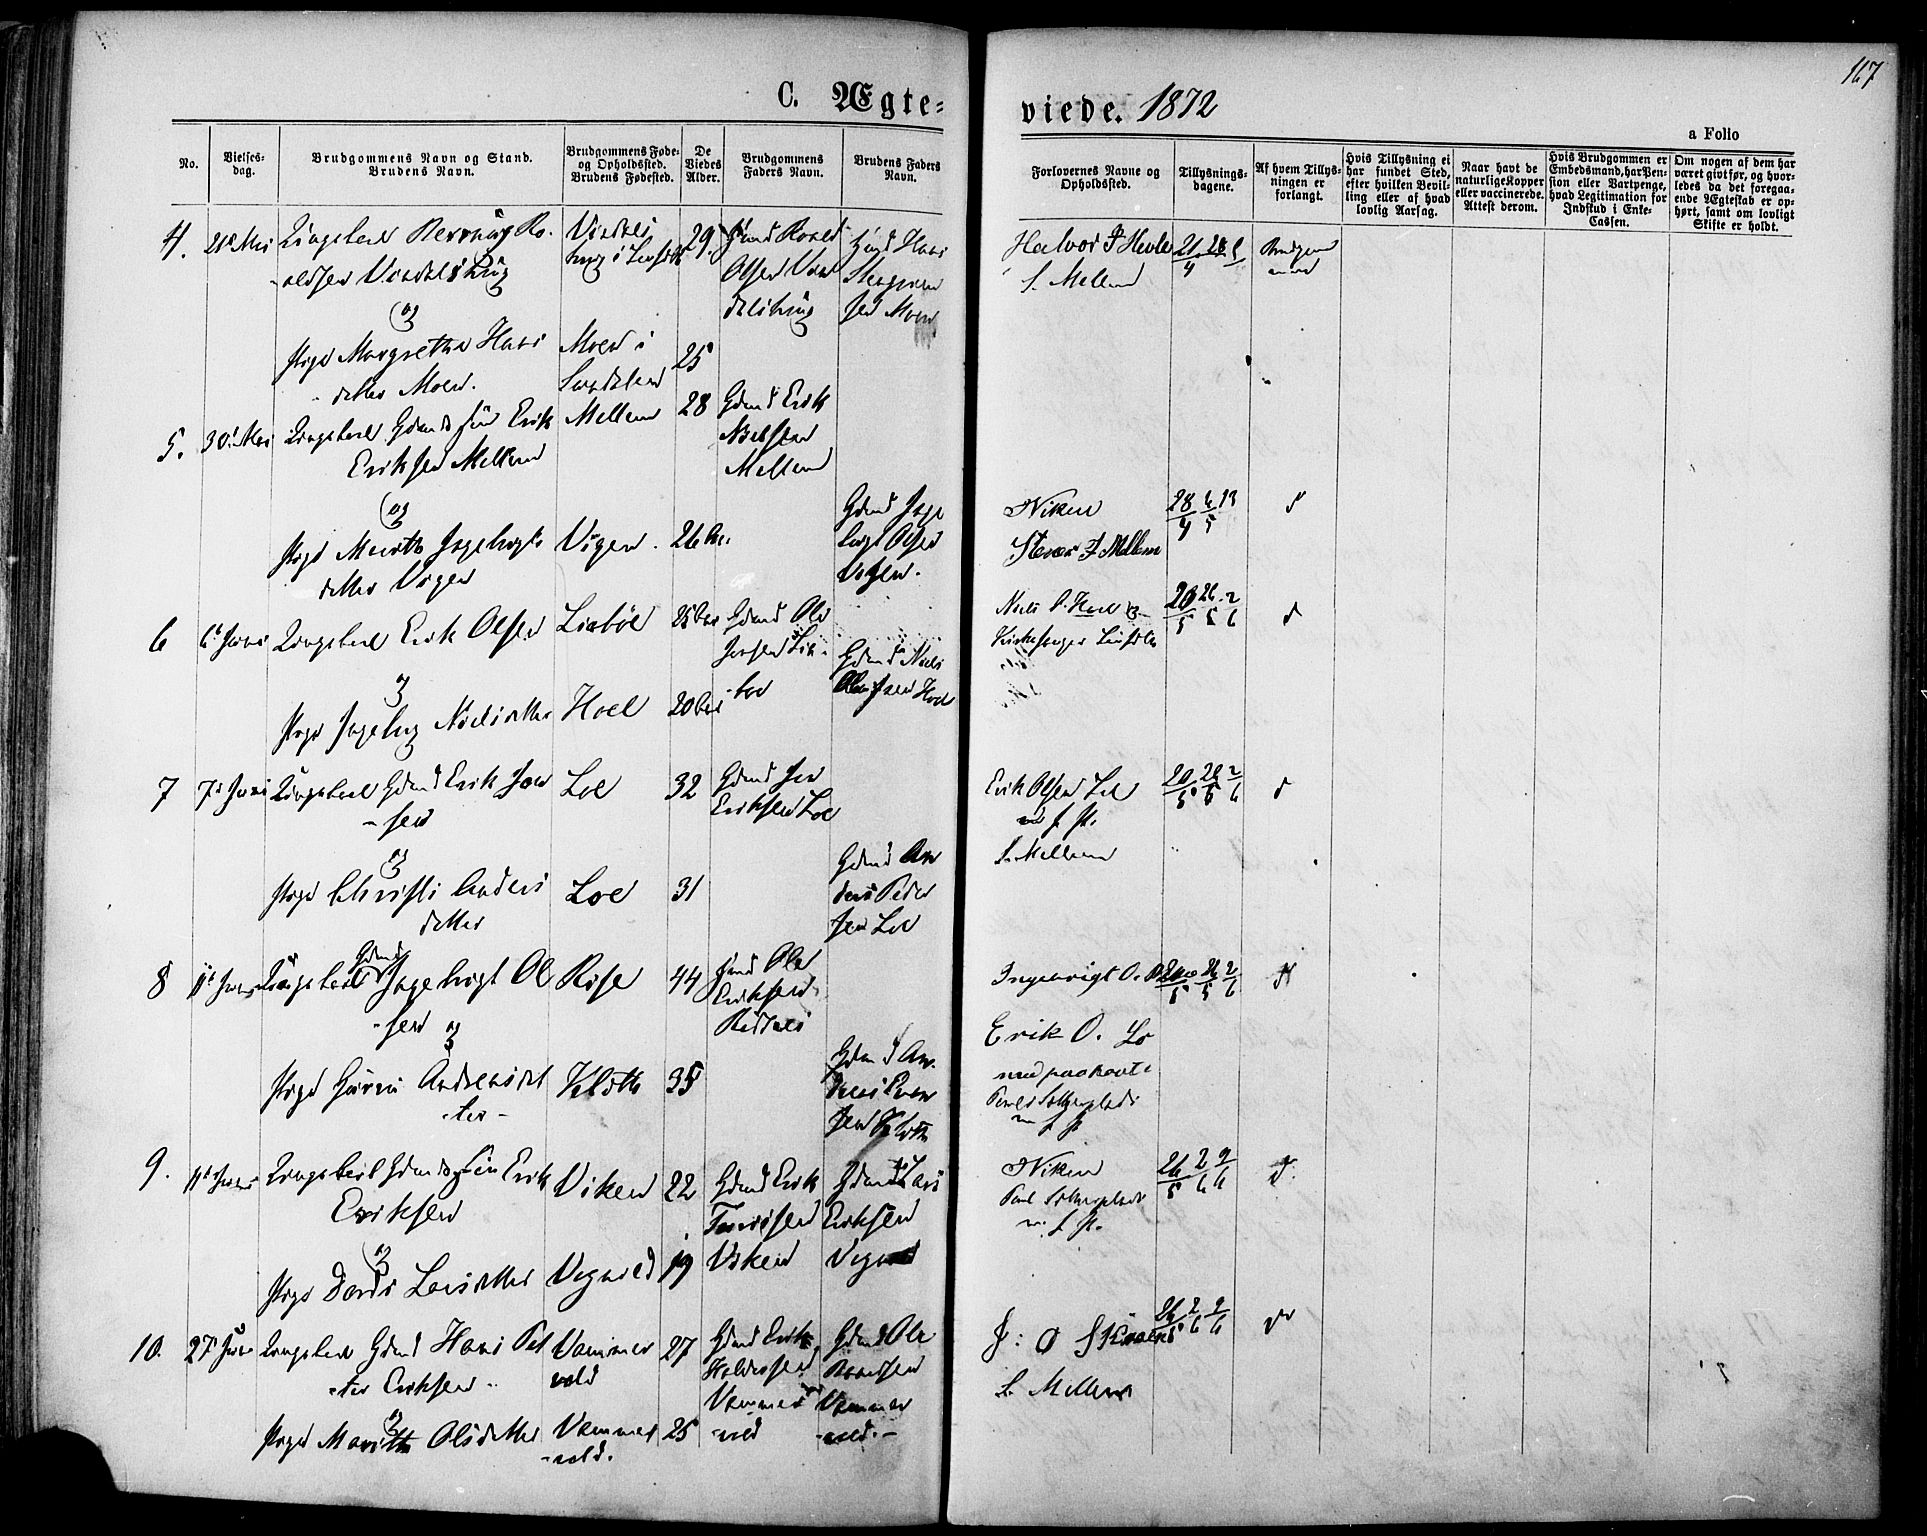 SAT, Ministerialprotokoller, klokkerbøker og fødselsregistre - Sør-Trøndelag, 678/L0900: Ministerialbok nr. 678A09, 1872-1881, s. 167